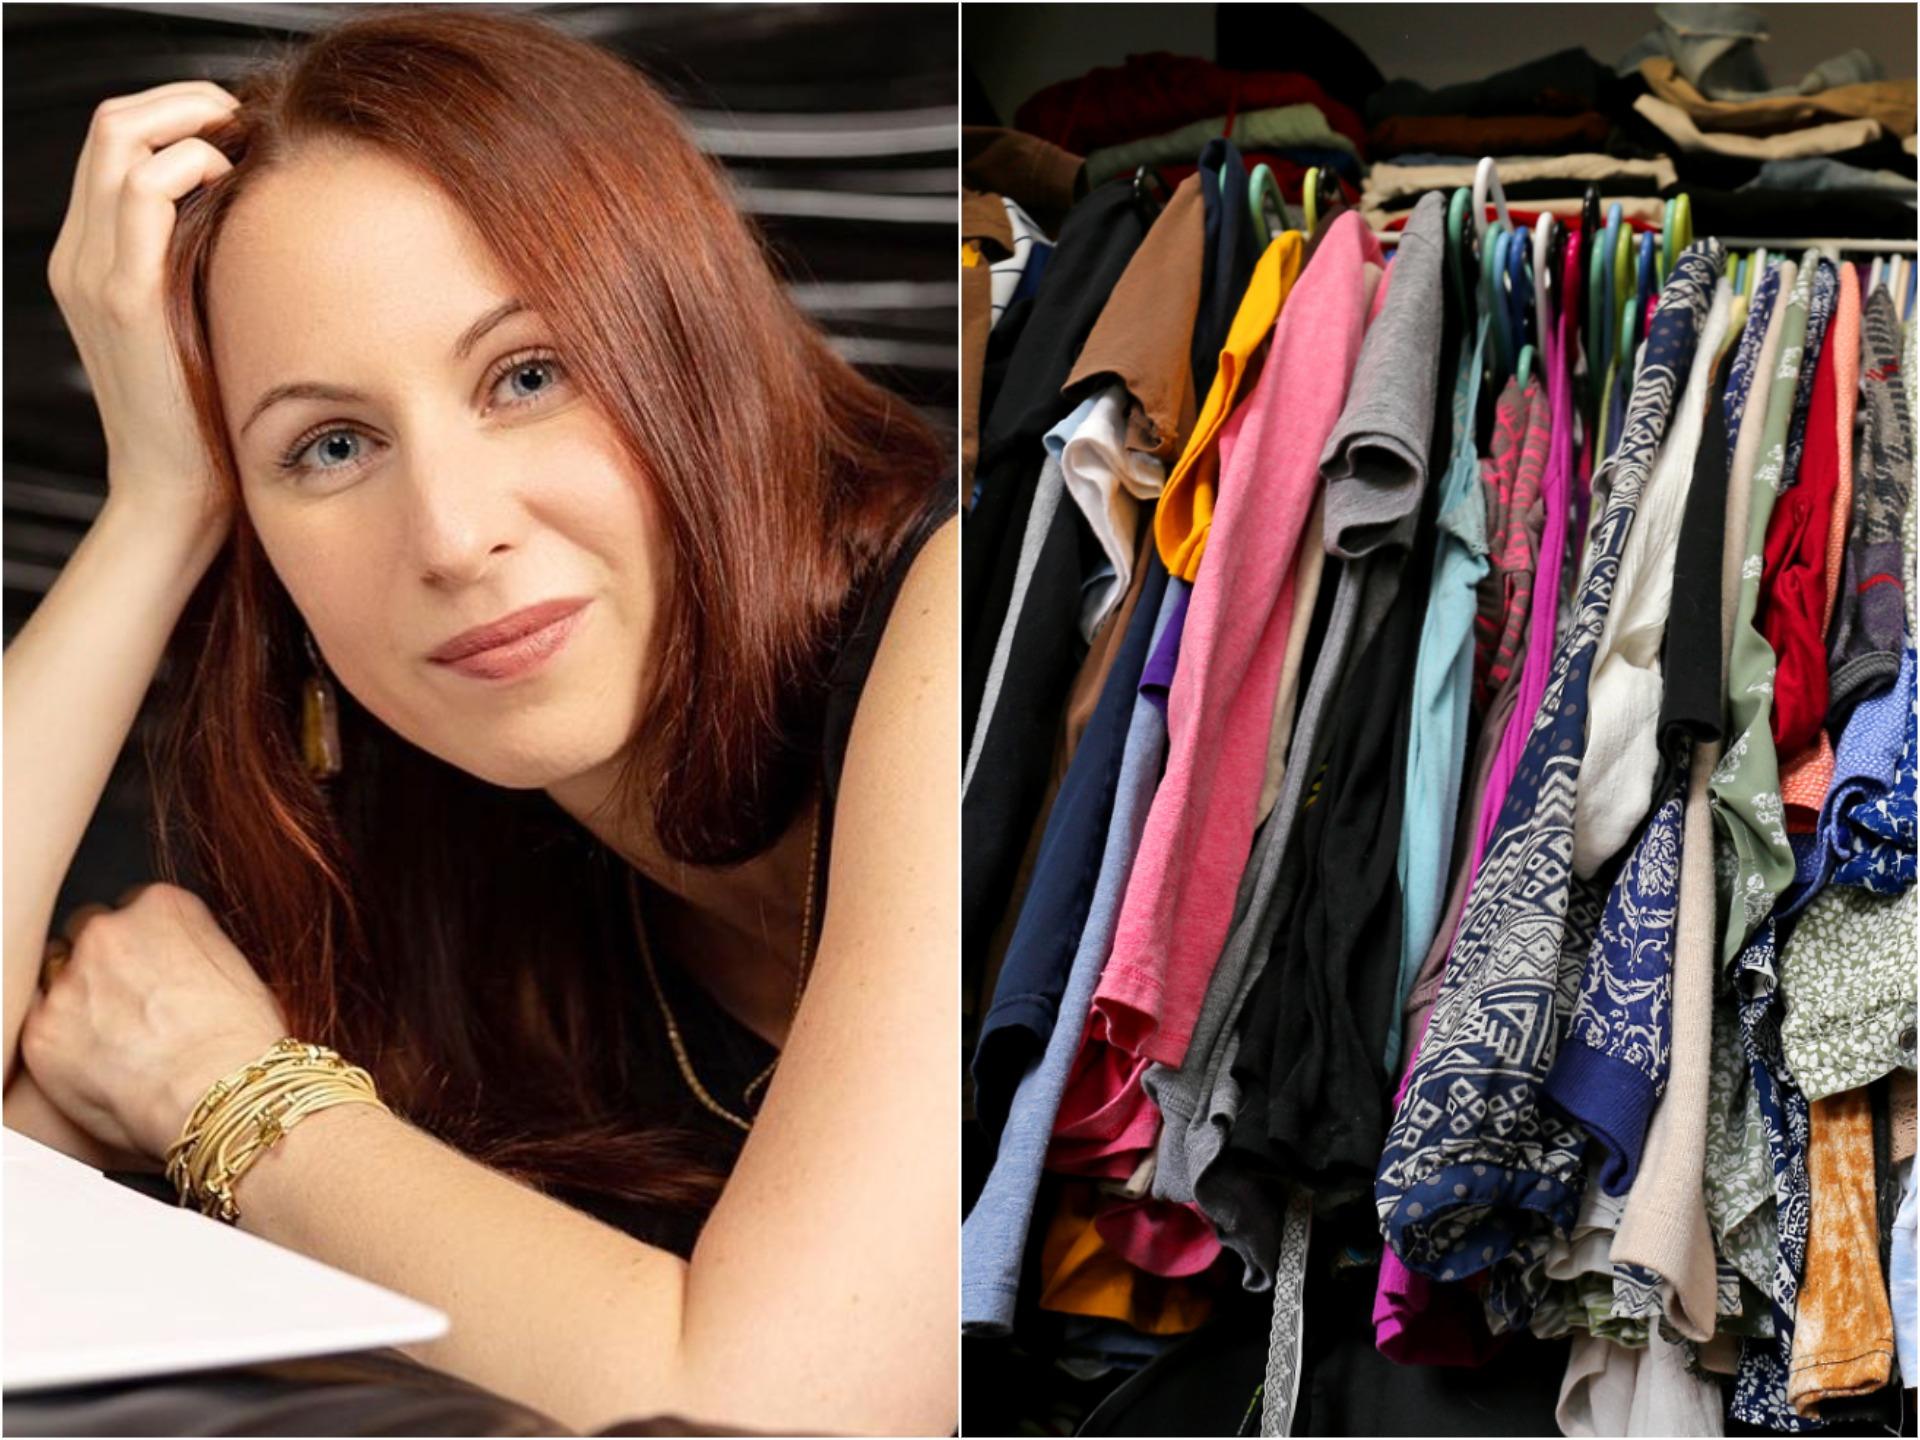 Как спастись от ненужной одежды: специалист по организации пространства выдает явки и пароли